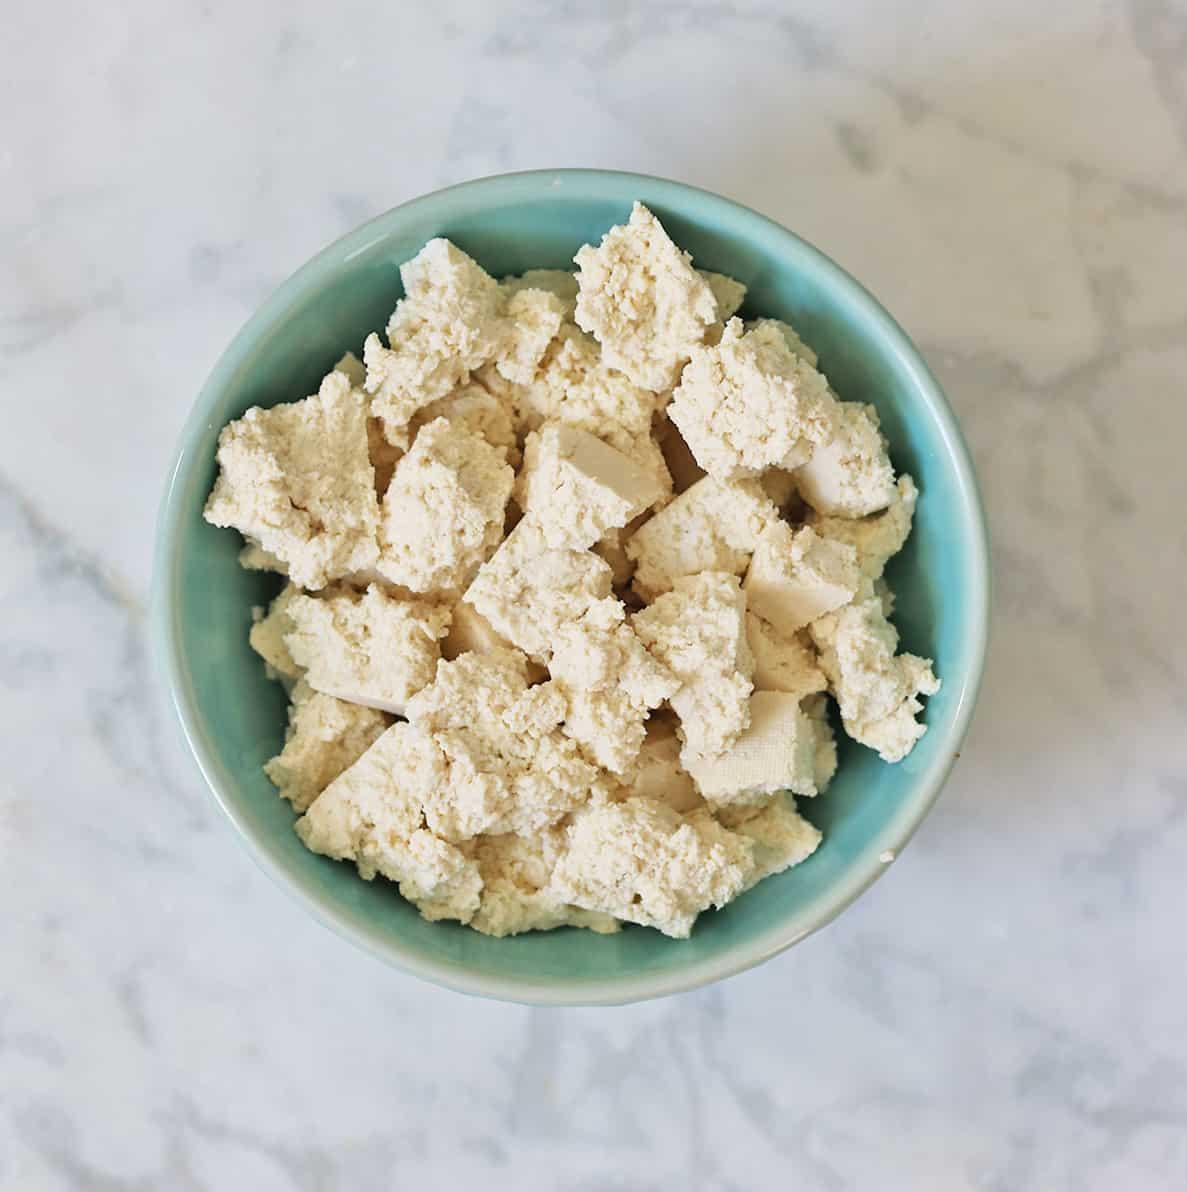 crumbled tofu